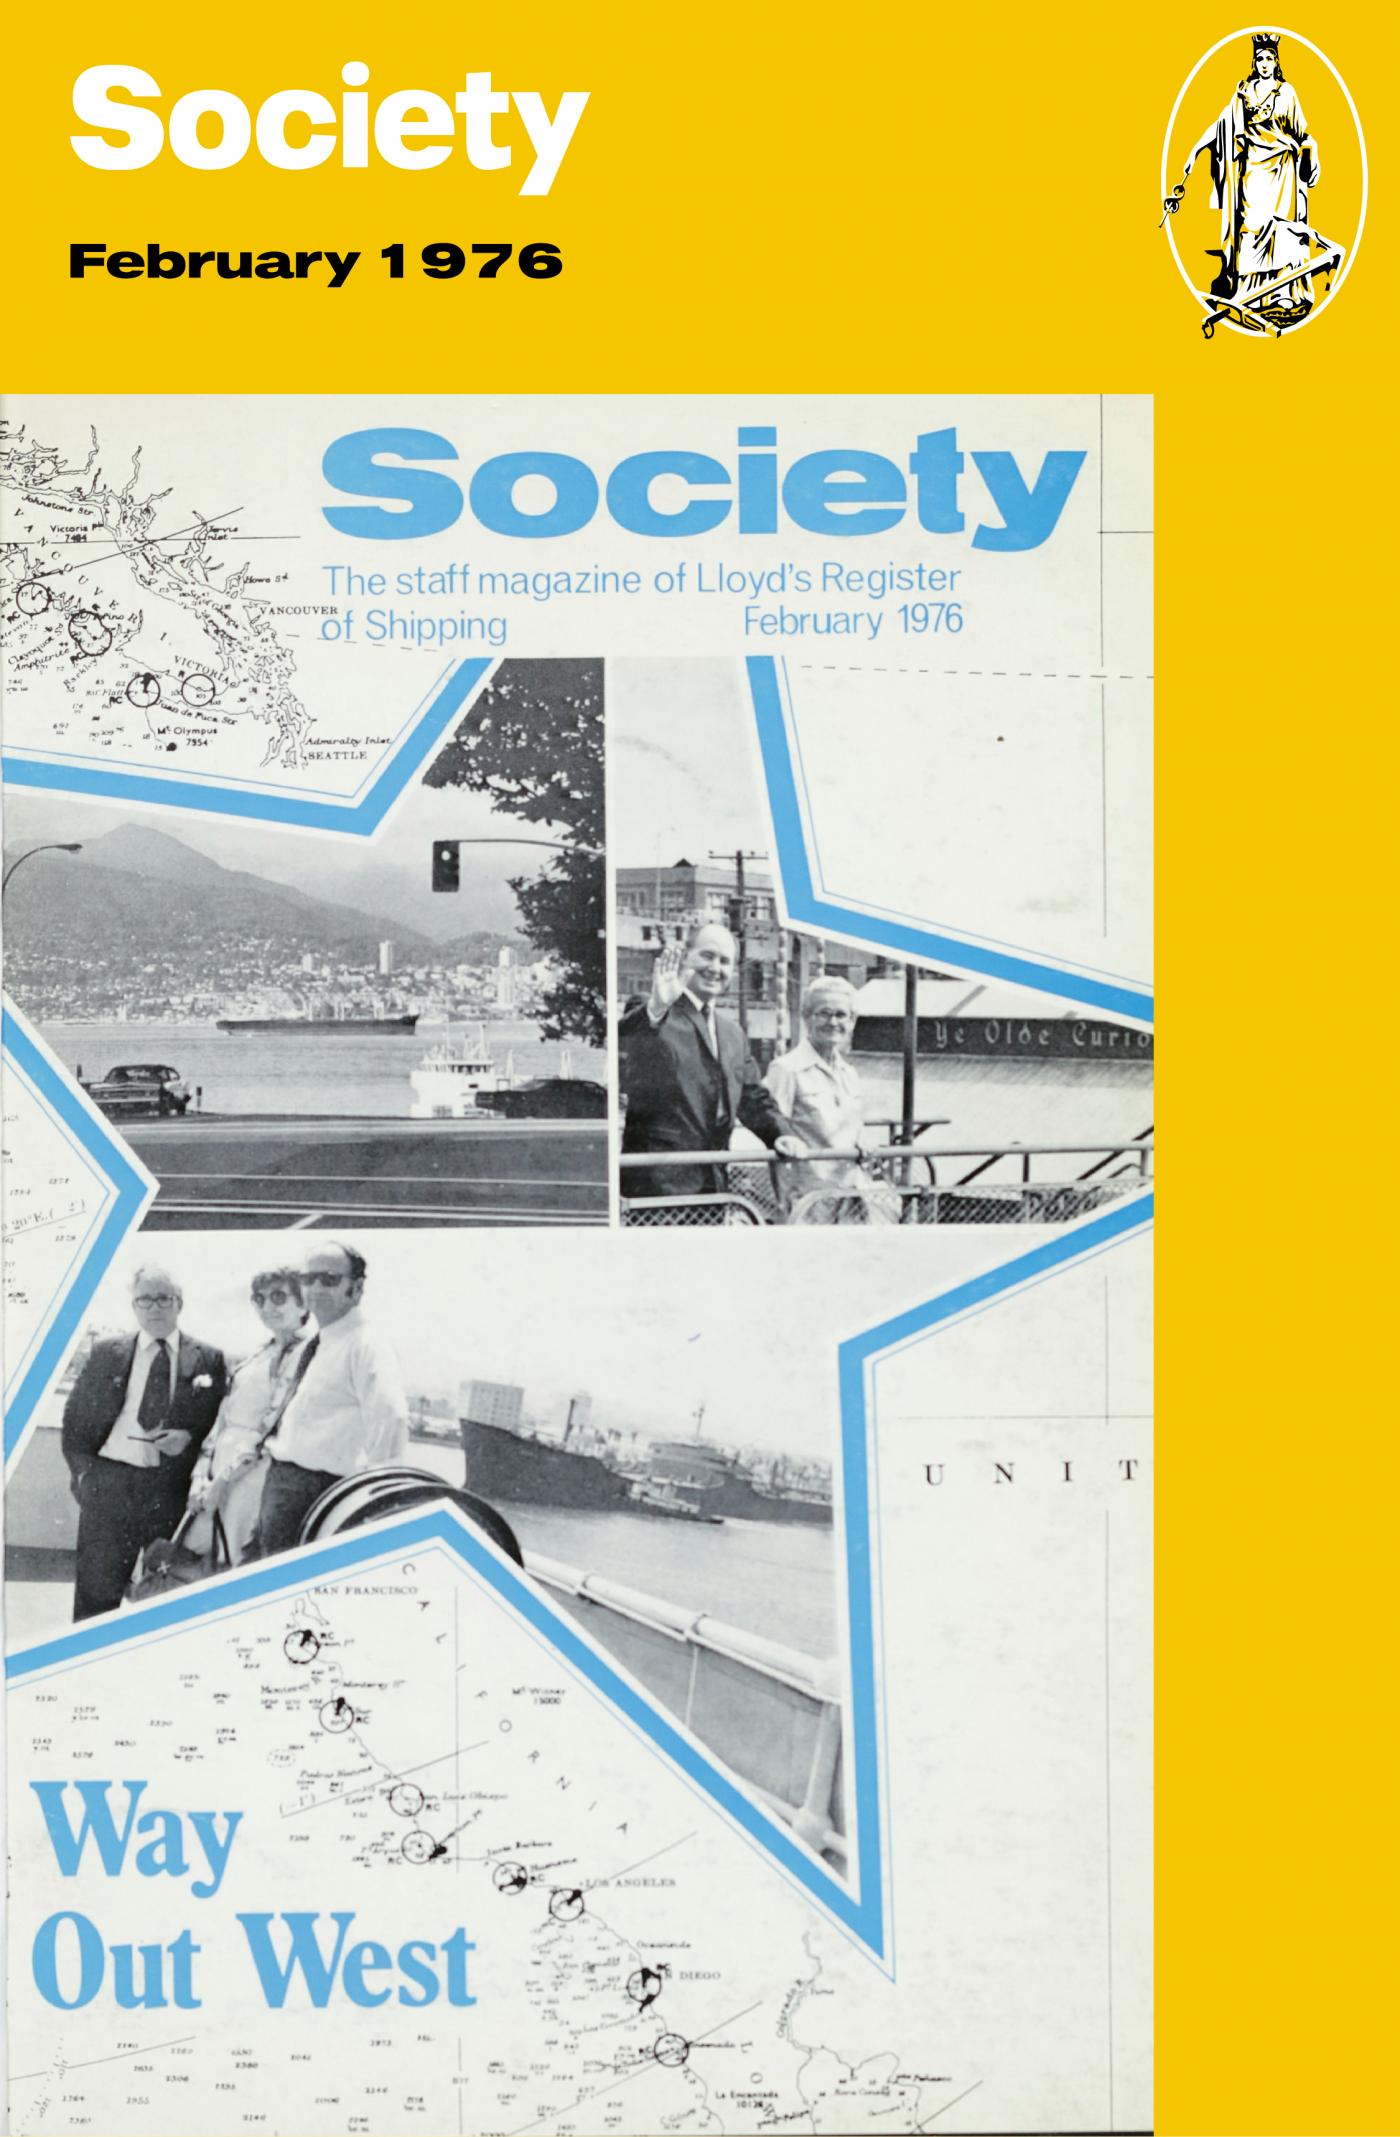 Society February 1976